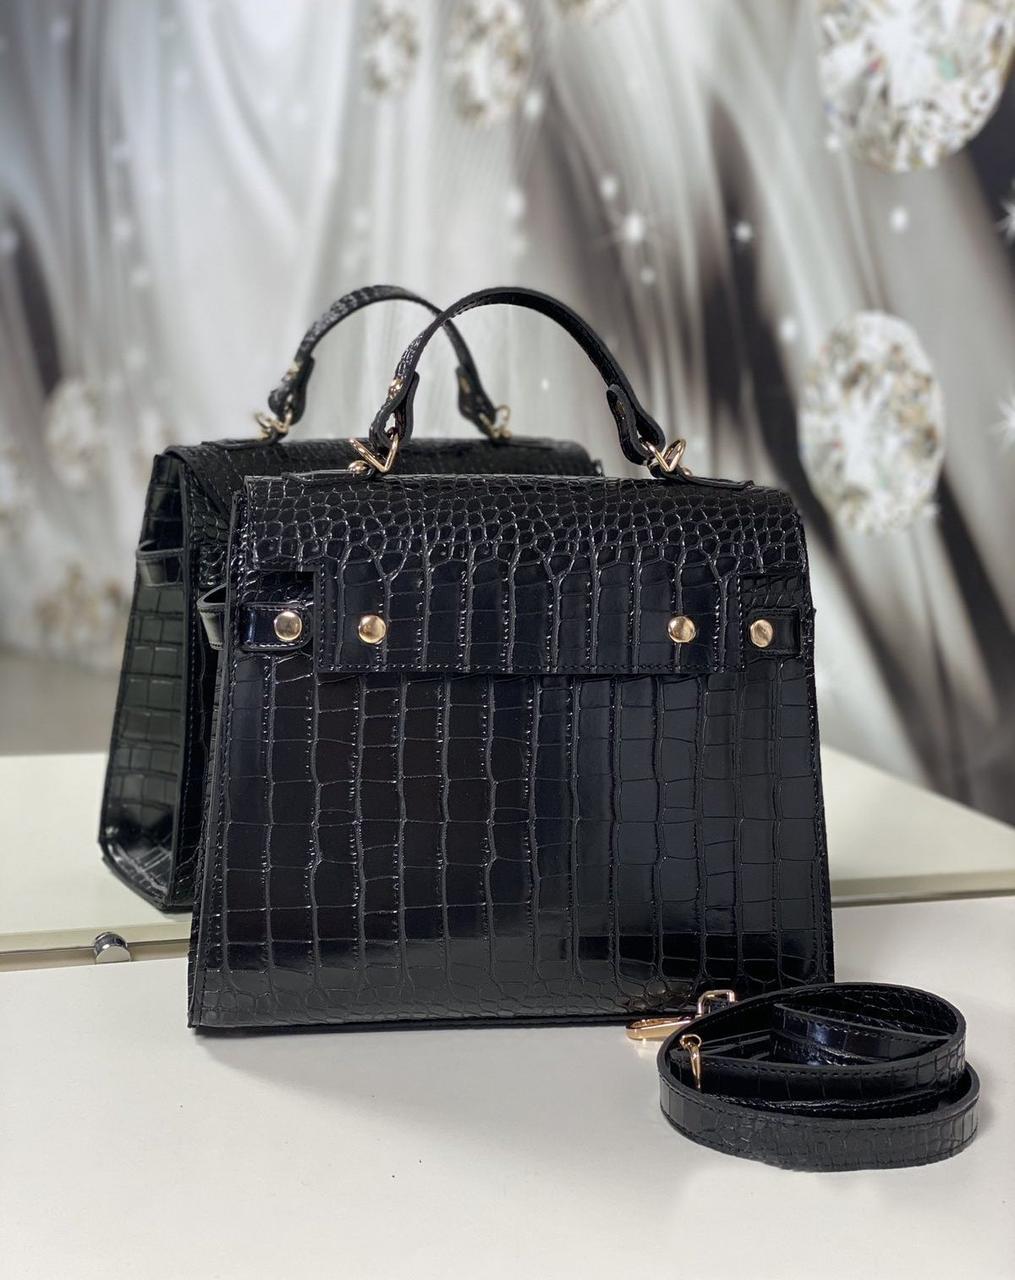 Женская сумка офисная деловая классическая сумочка средняя черная под рептилию экокожа